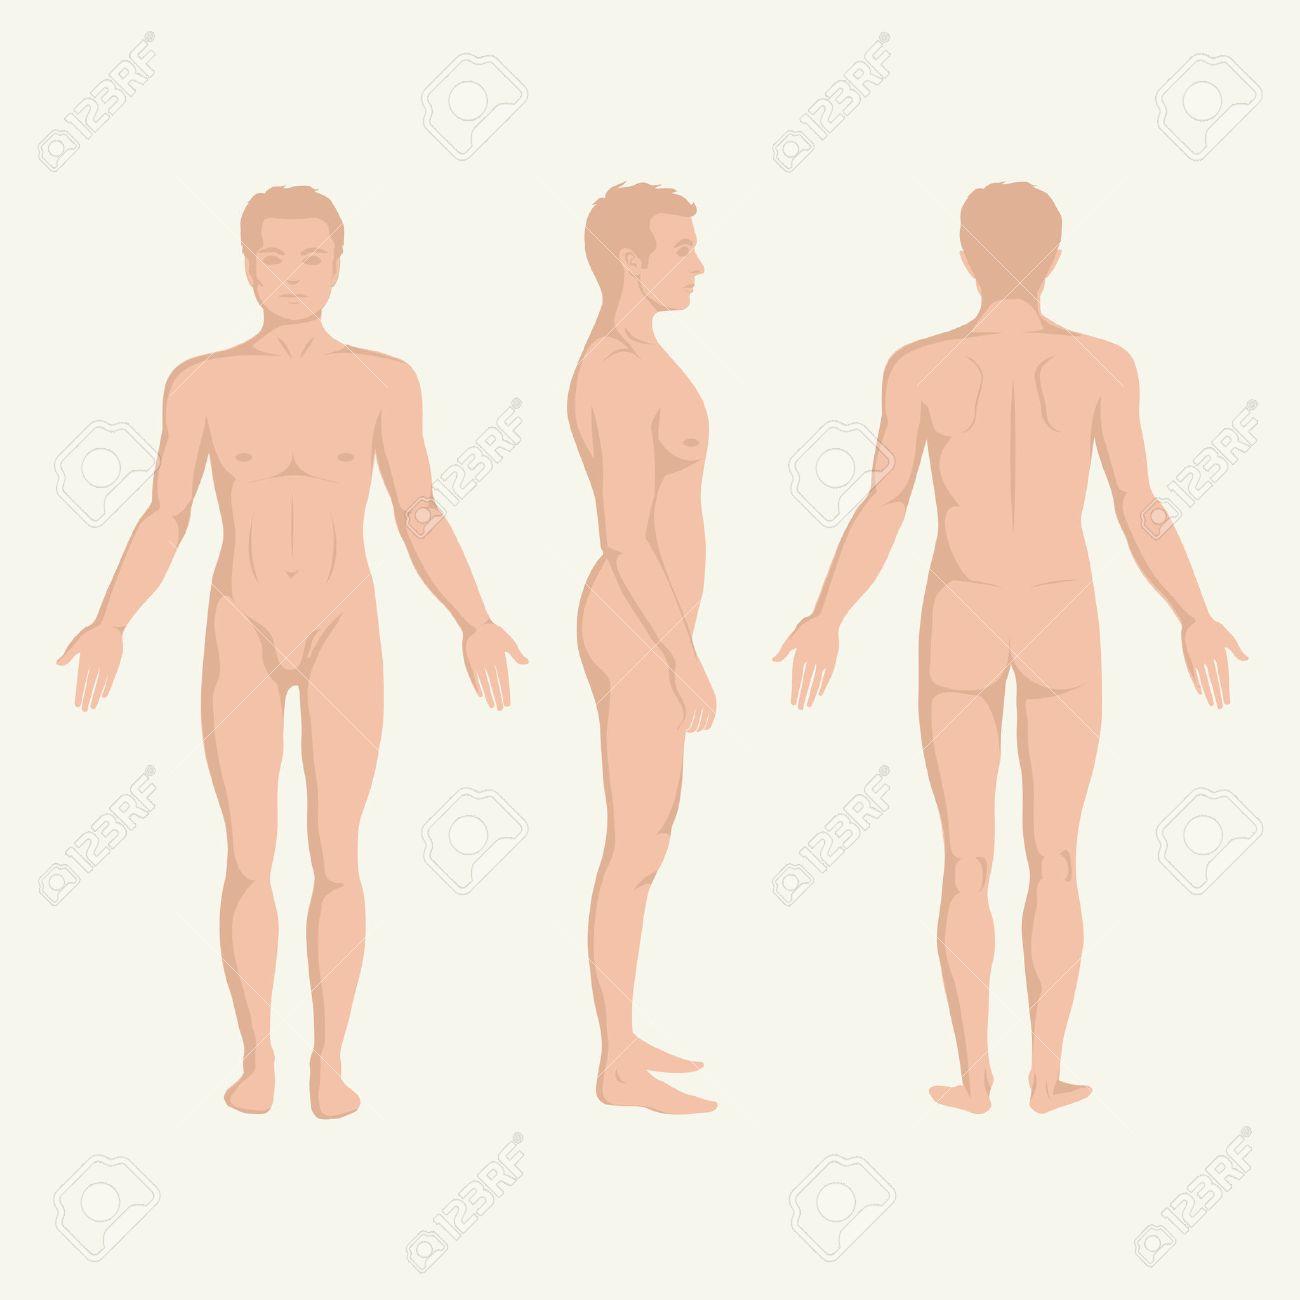 Mann Körper Anatomie, Vorne, Hinten Und Seitlich Stehenden ...